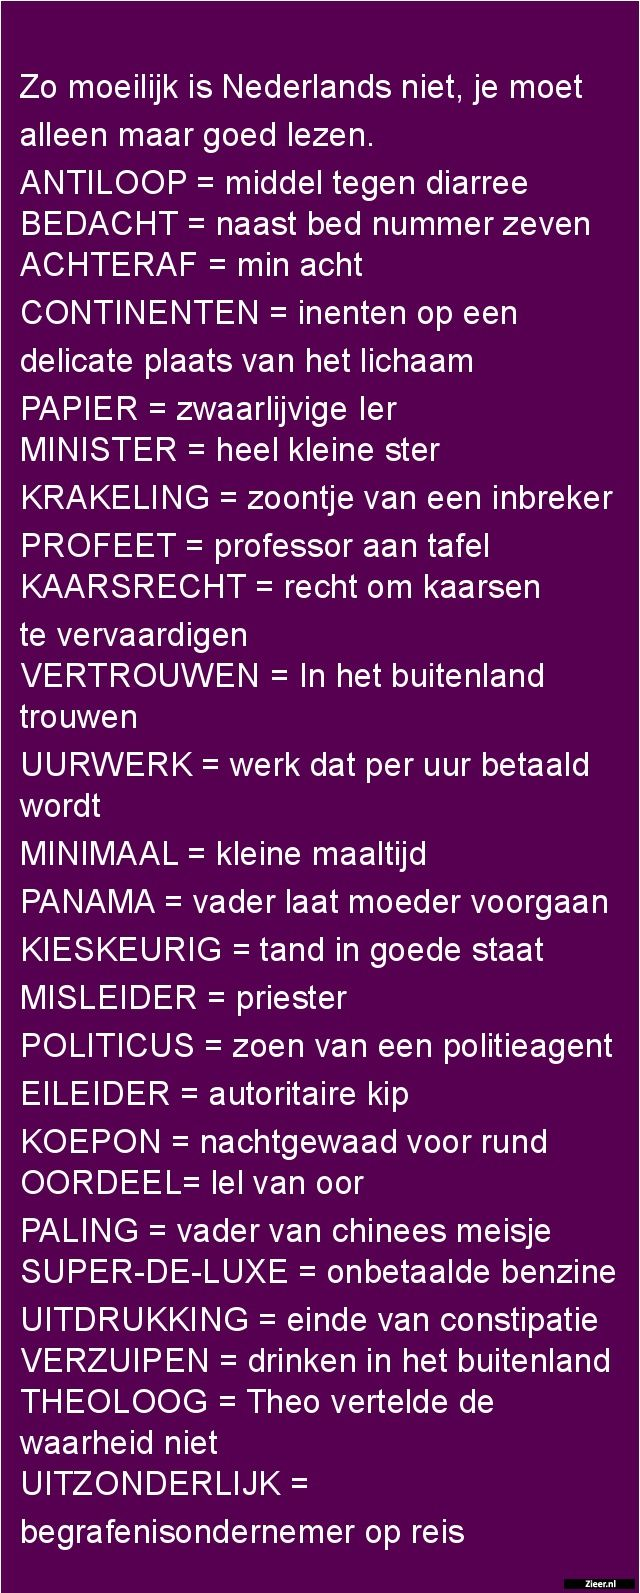 Citaten Nederlands Grappig : Zieer grappige plaatjes foto s